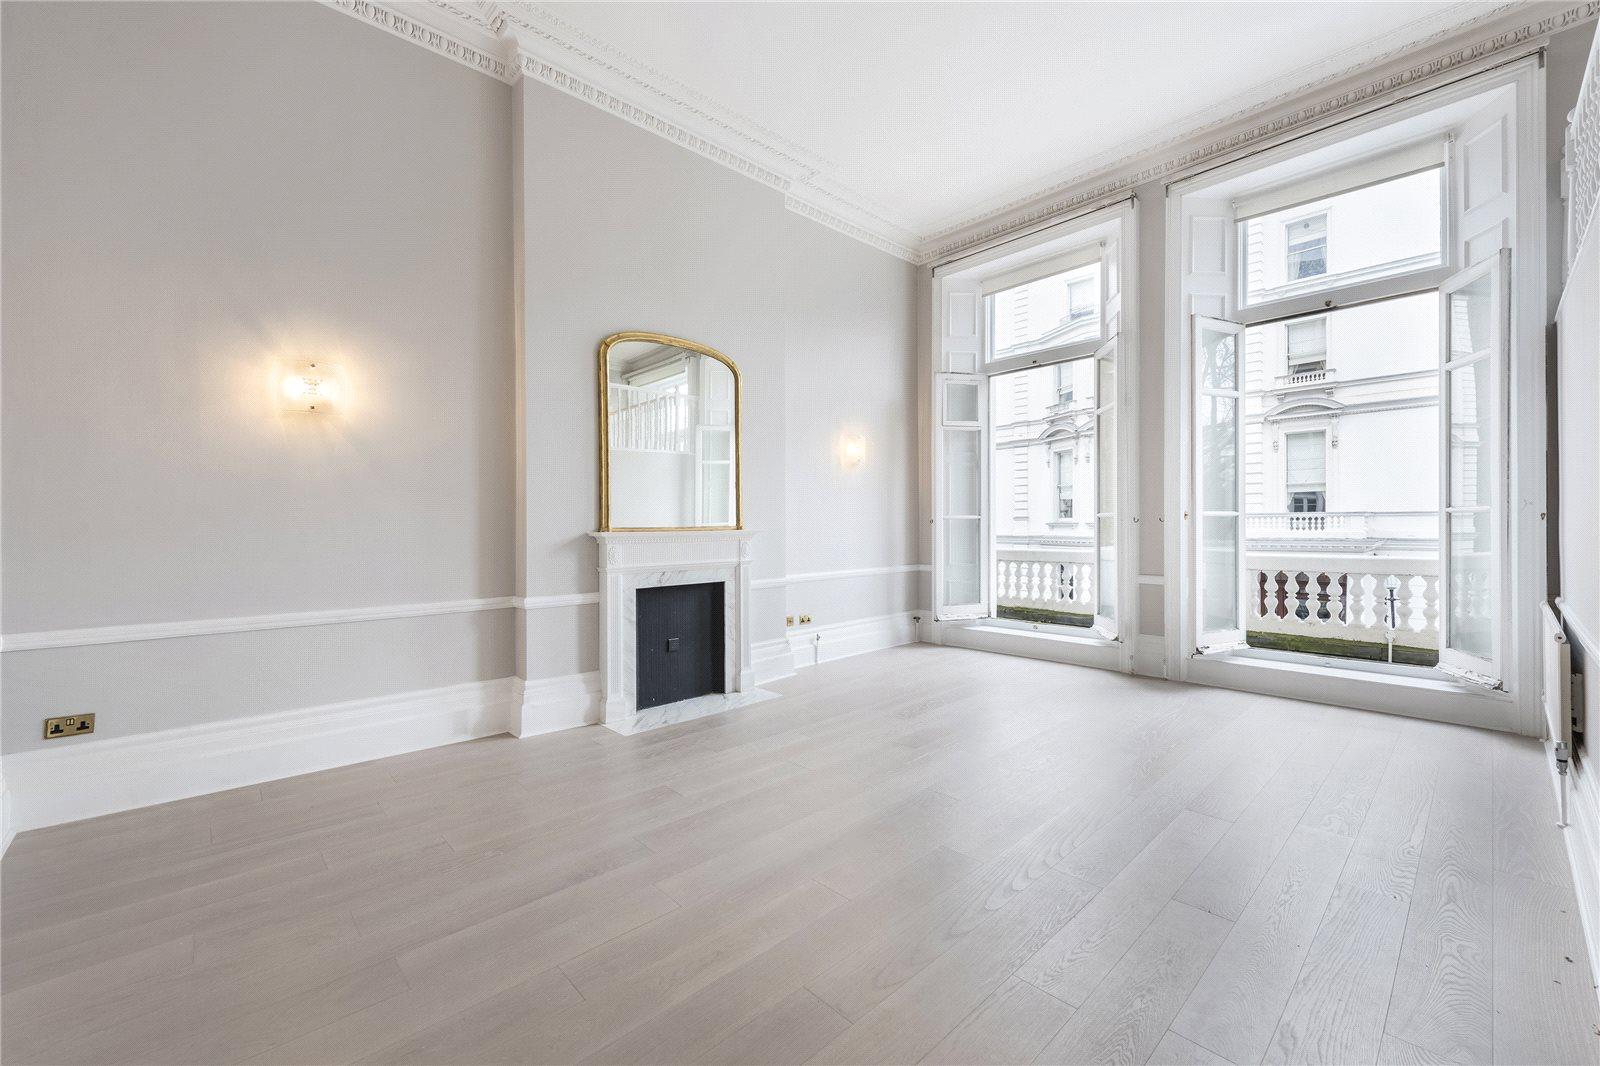 集合住宅 のために 売買 アット Queen's Gate Gardens, South Kensington, London, SW7 South Kensington, London, イギリス